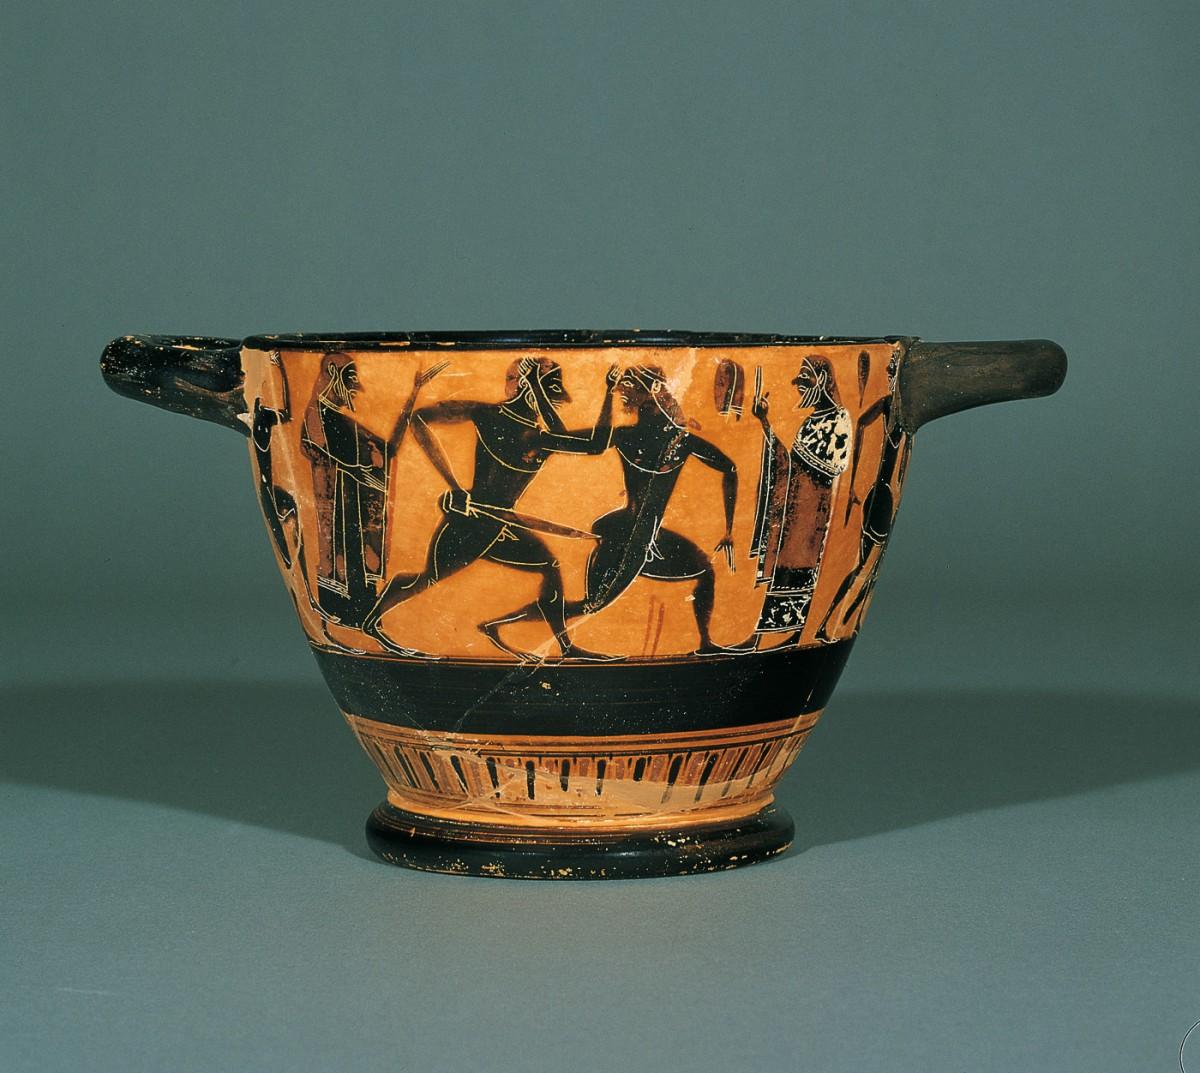 Μελανόμορφος σκύφος, έργο του Αθηναίου ζωγράφου που φέρει το συμβατικό όνομα «Επιτηδευμένος». Γύρω στα 540 π.Χ. Μουσείο Μπενάκη.